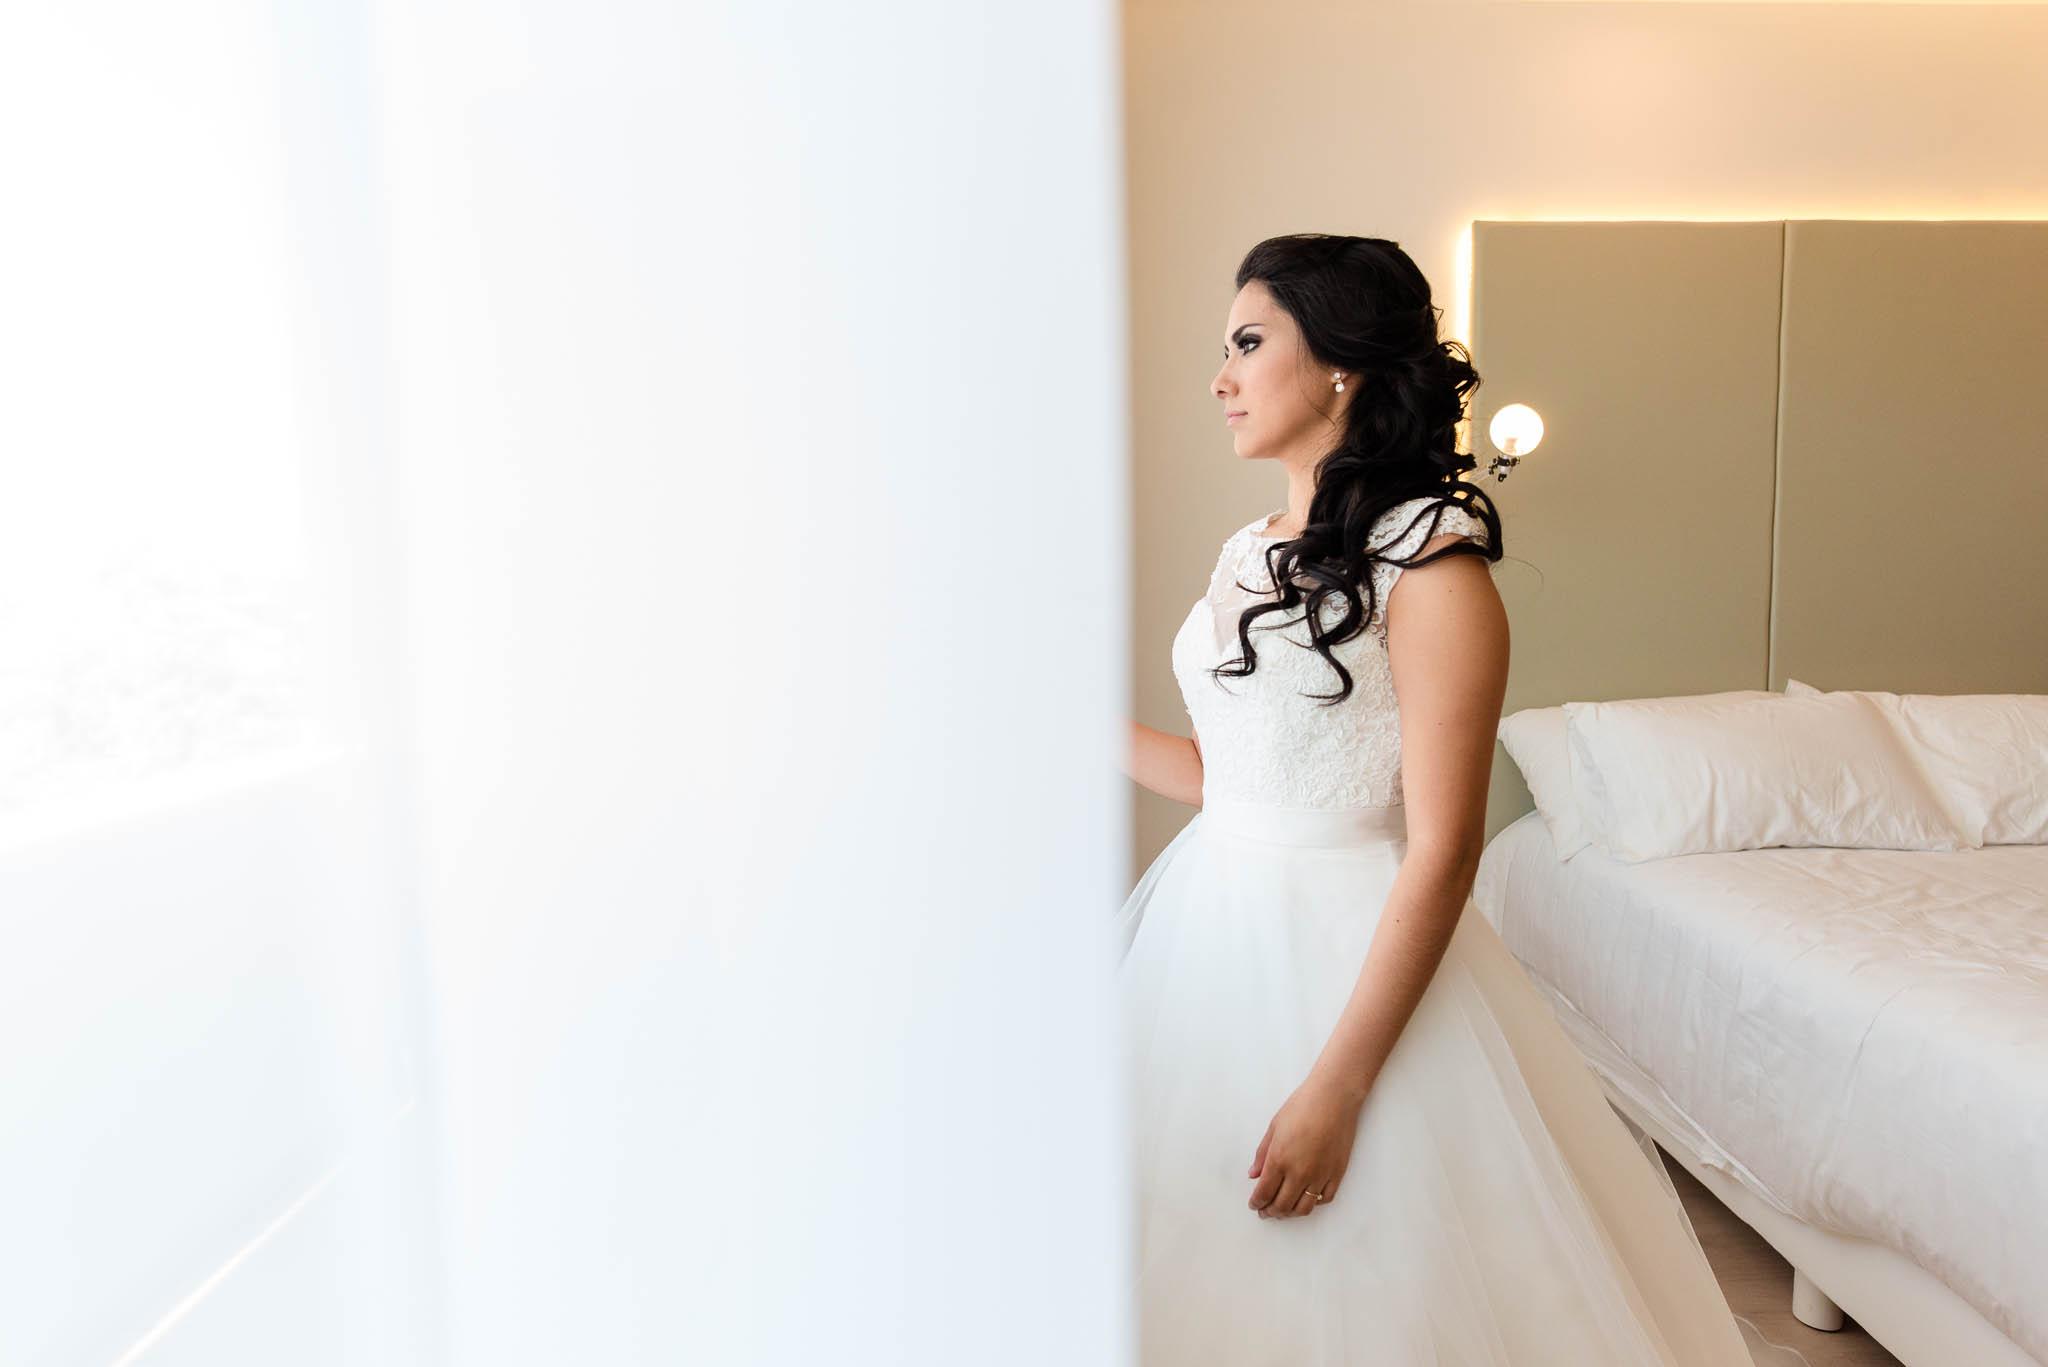 fotografo de bodas san luis potosi boda mexico wedding destination fotos de boda 34